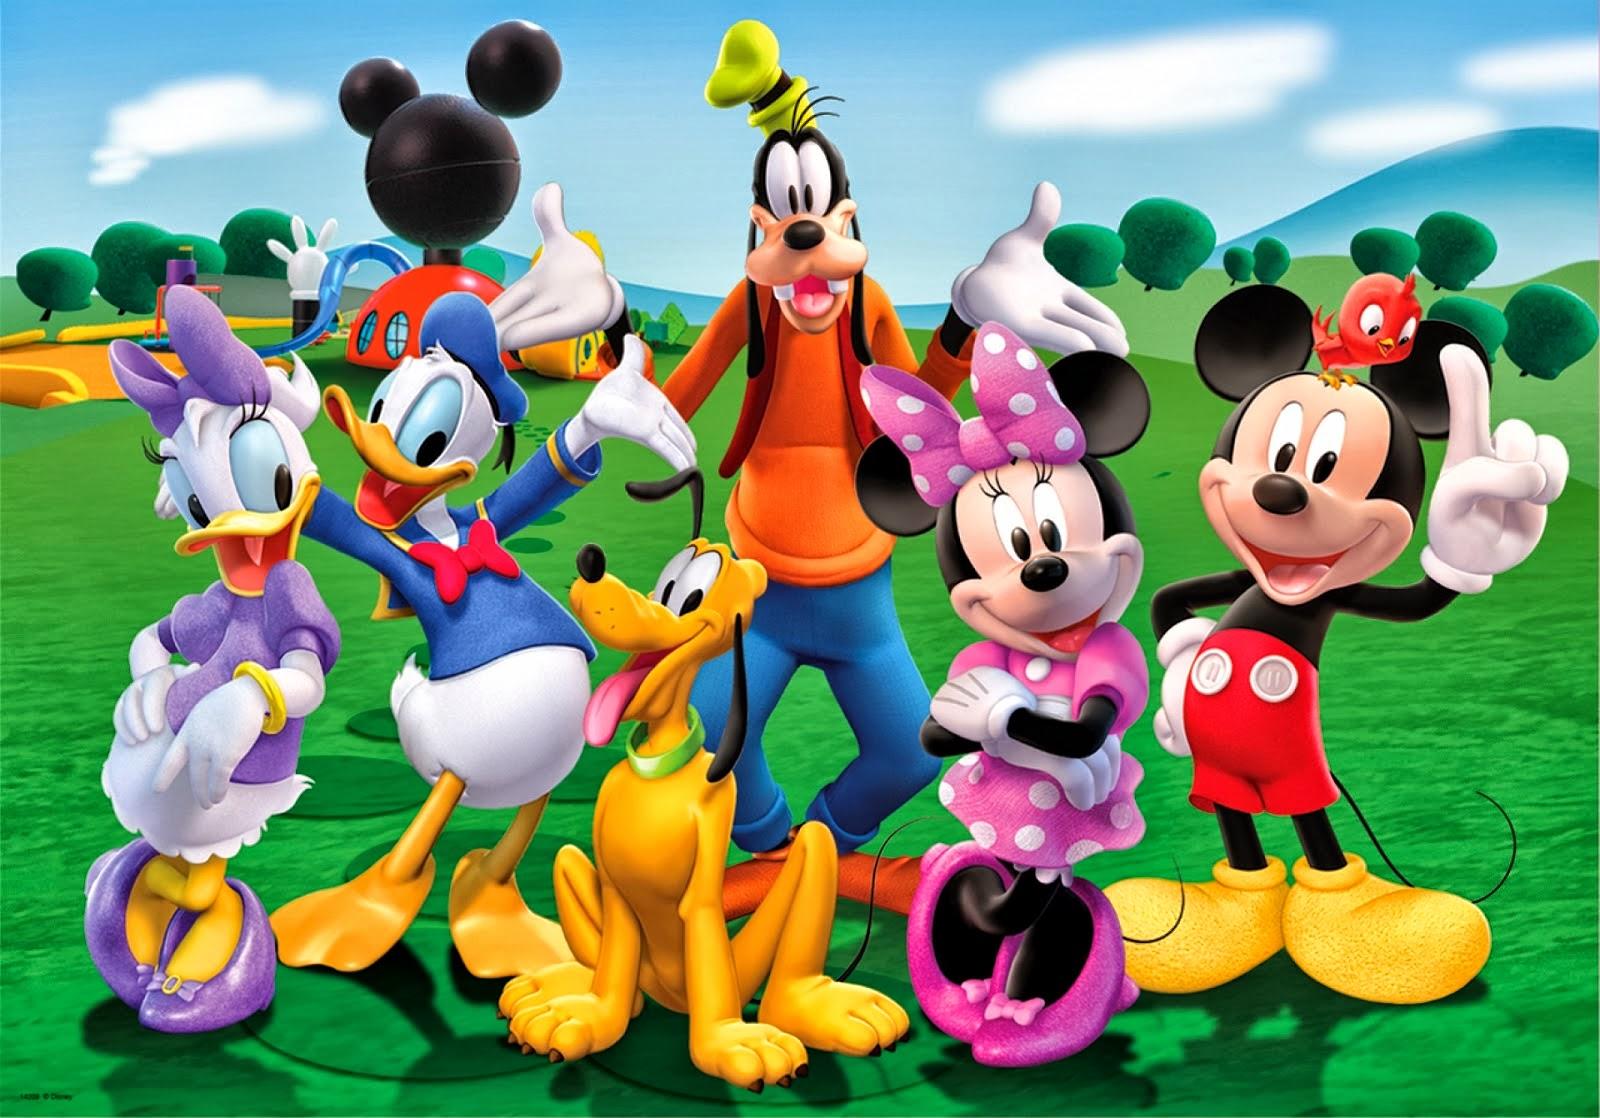 بالصور رسوم متحركة بالعربية , اجمل الرسوم المتحركة للاطفال 3797 3